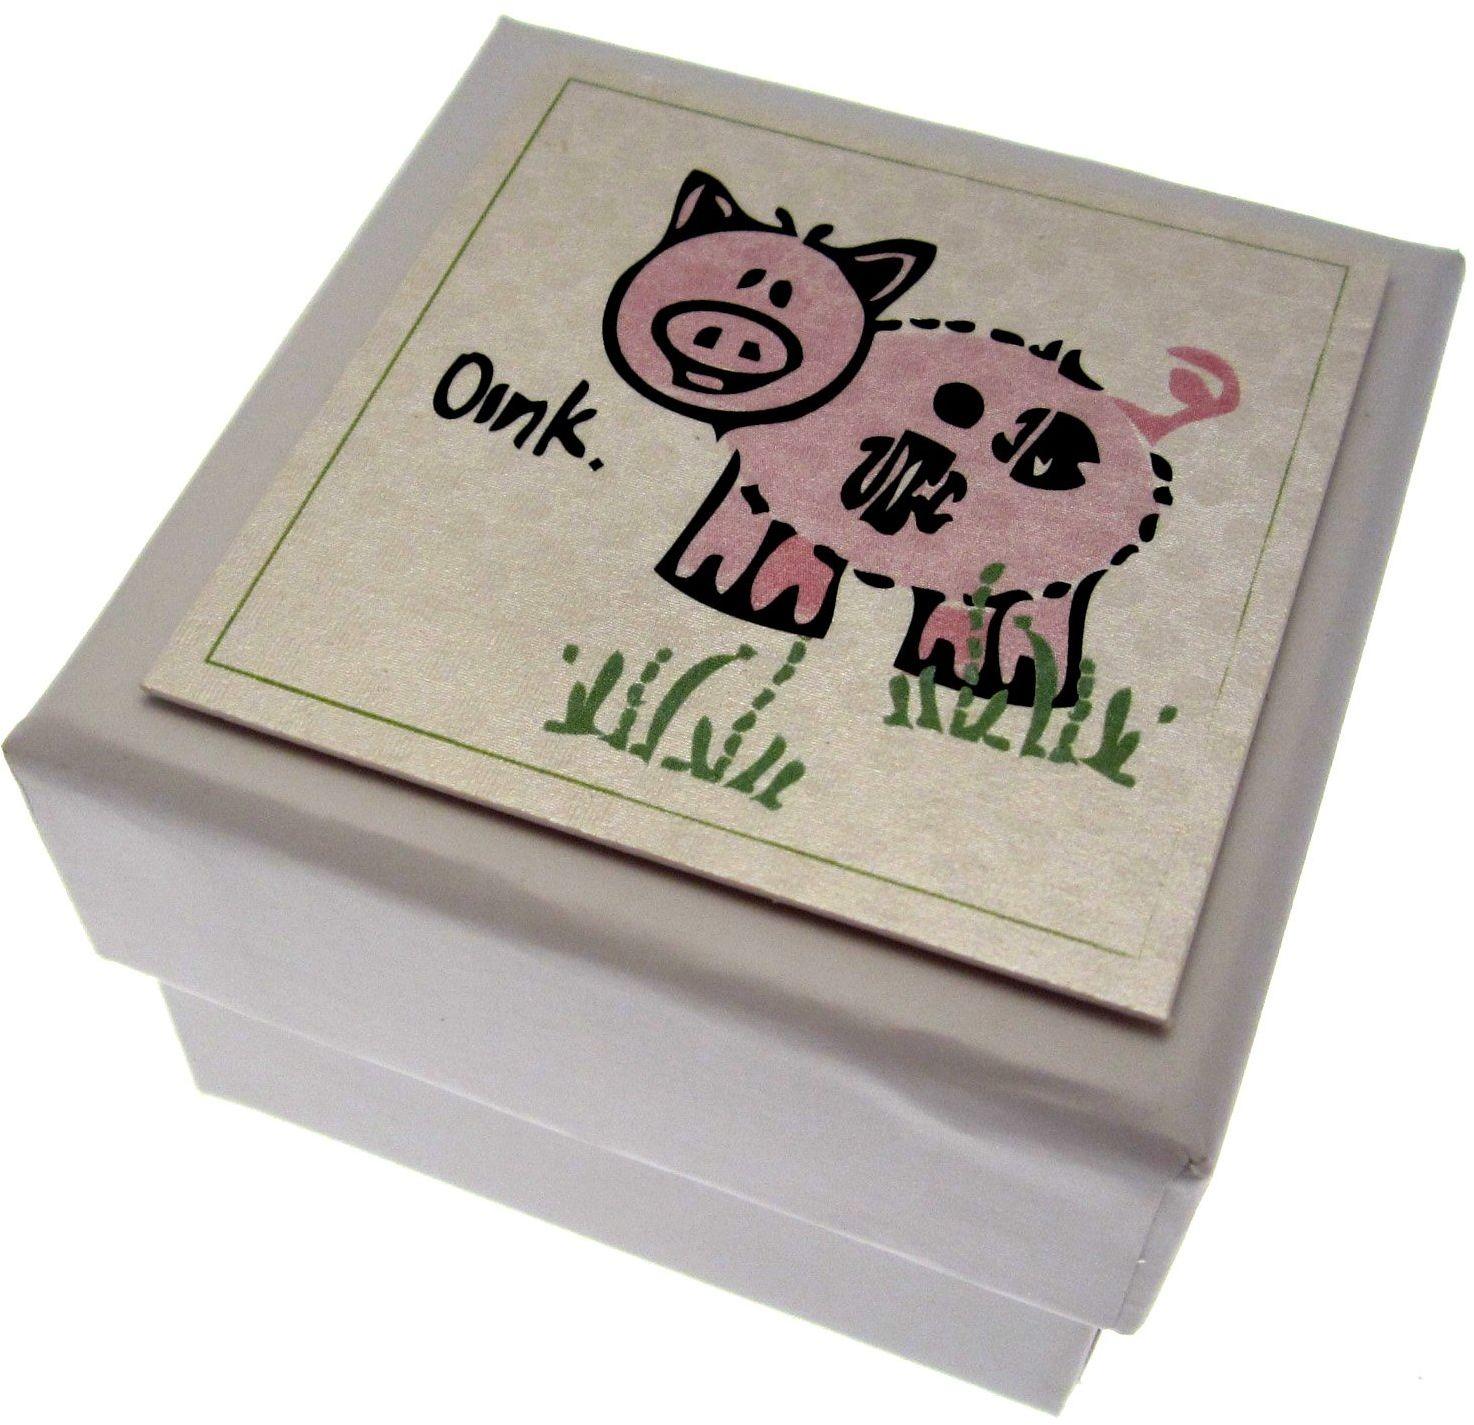 Białe bawełniane karty, pudełko na prezent dla dzieci Pig Party Children'', pojemnik do napełniania, z pokrywką